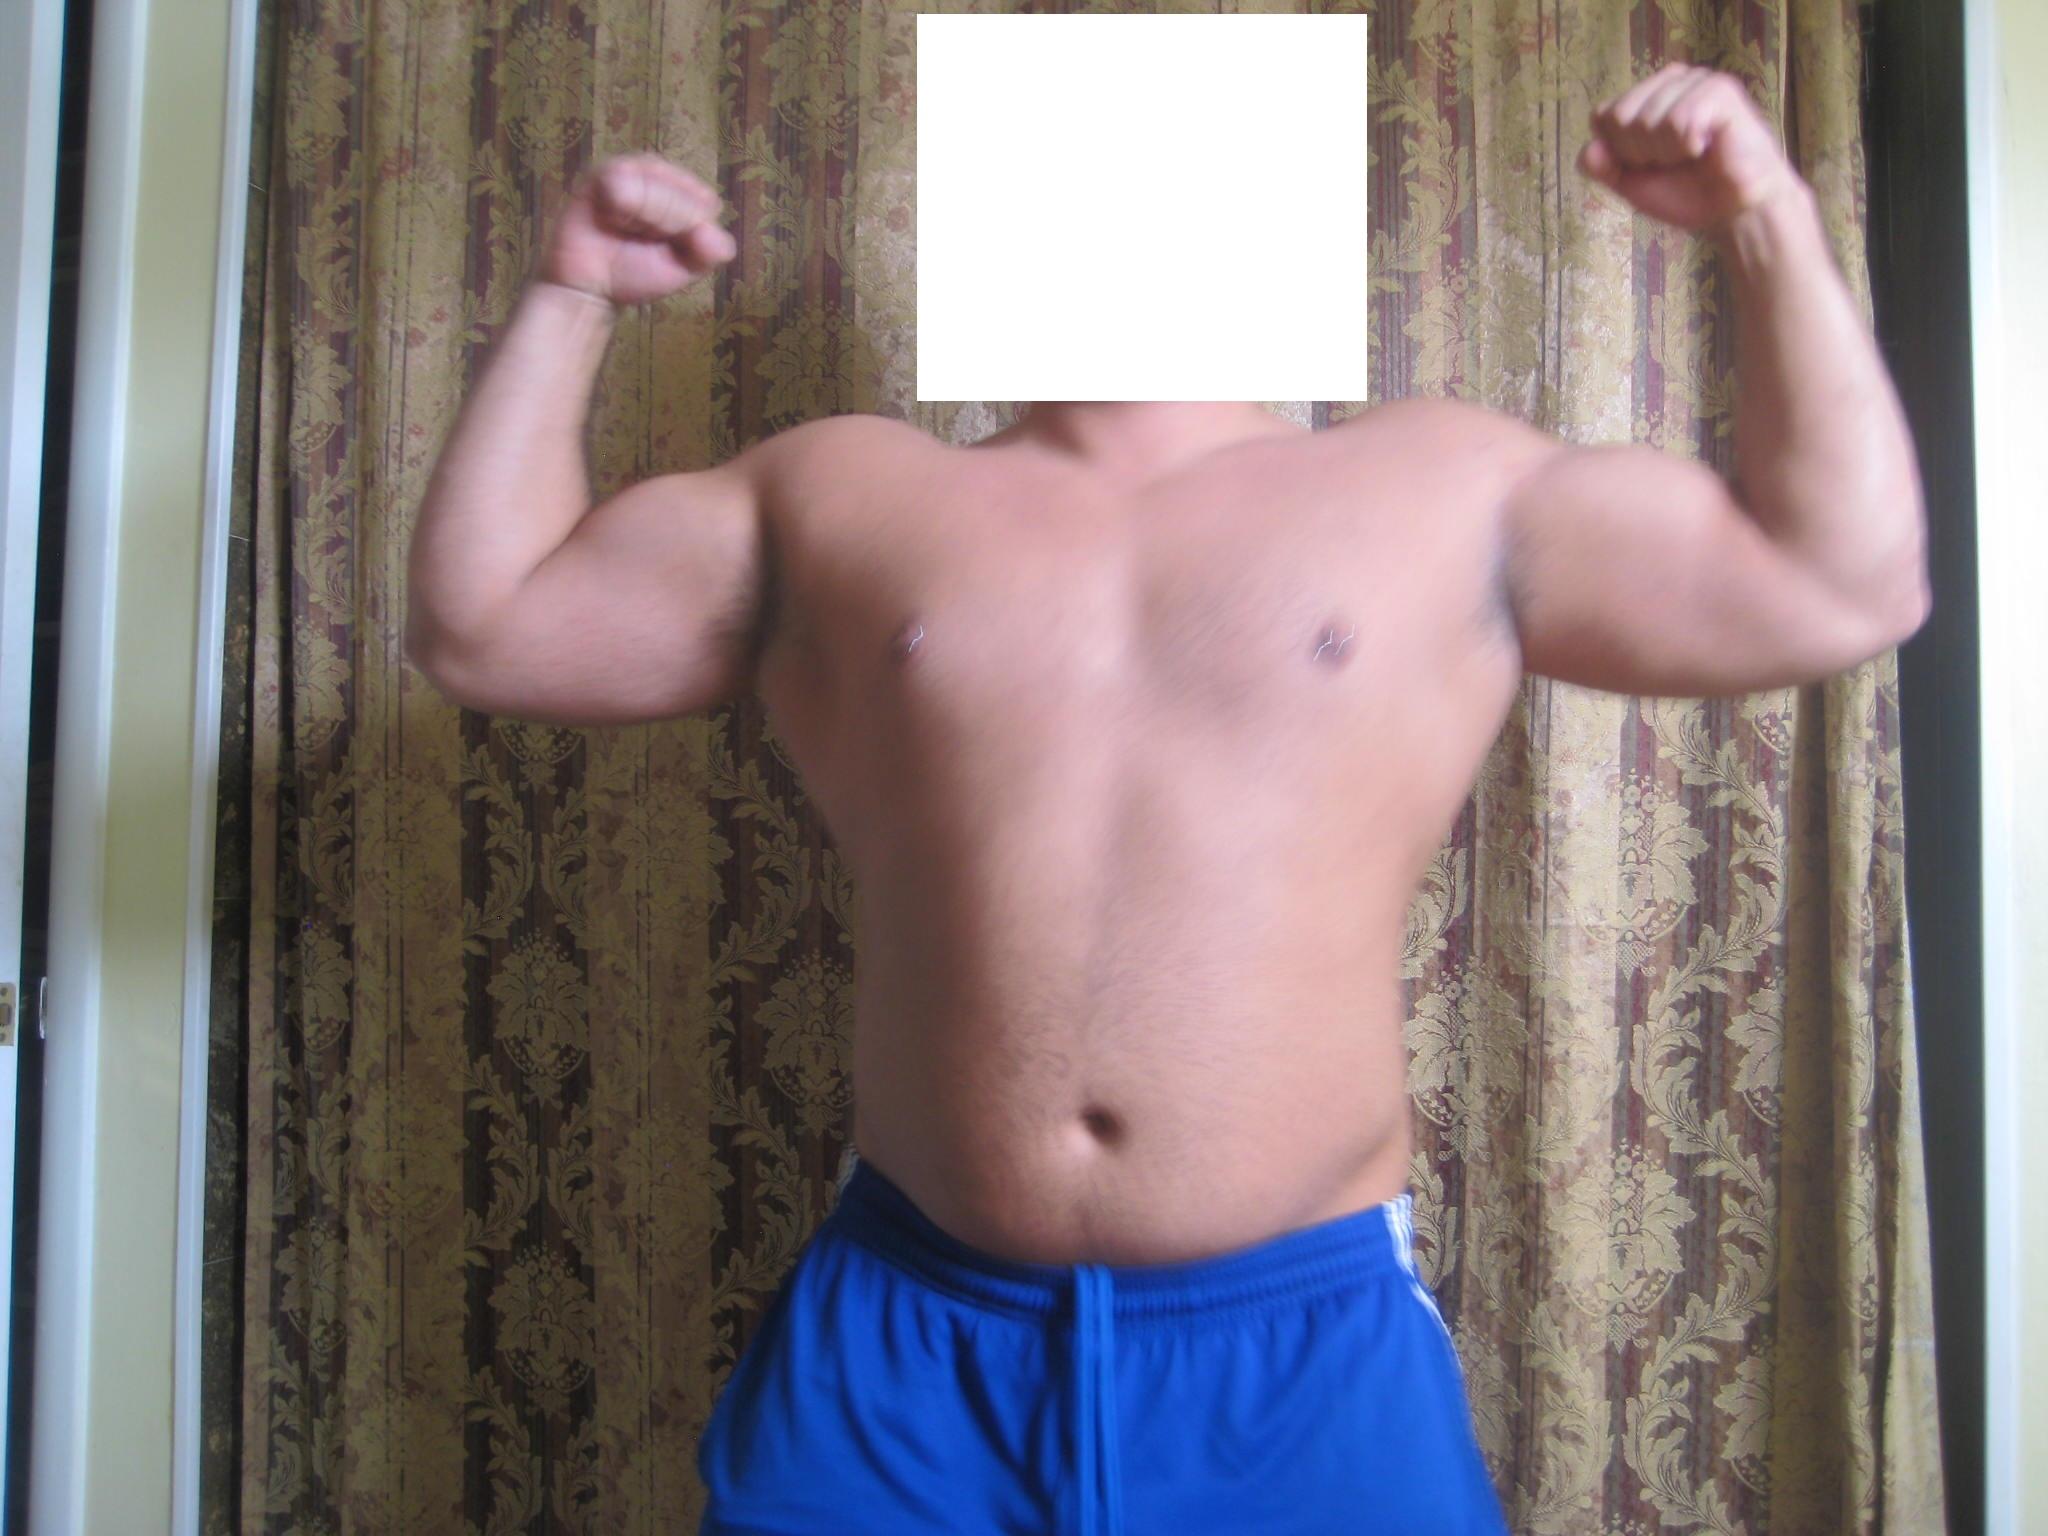 faq/list - steroids - Reddit